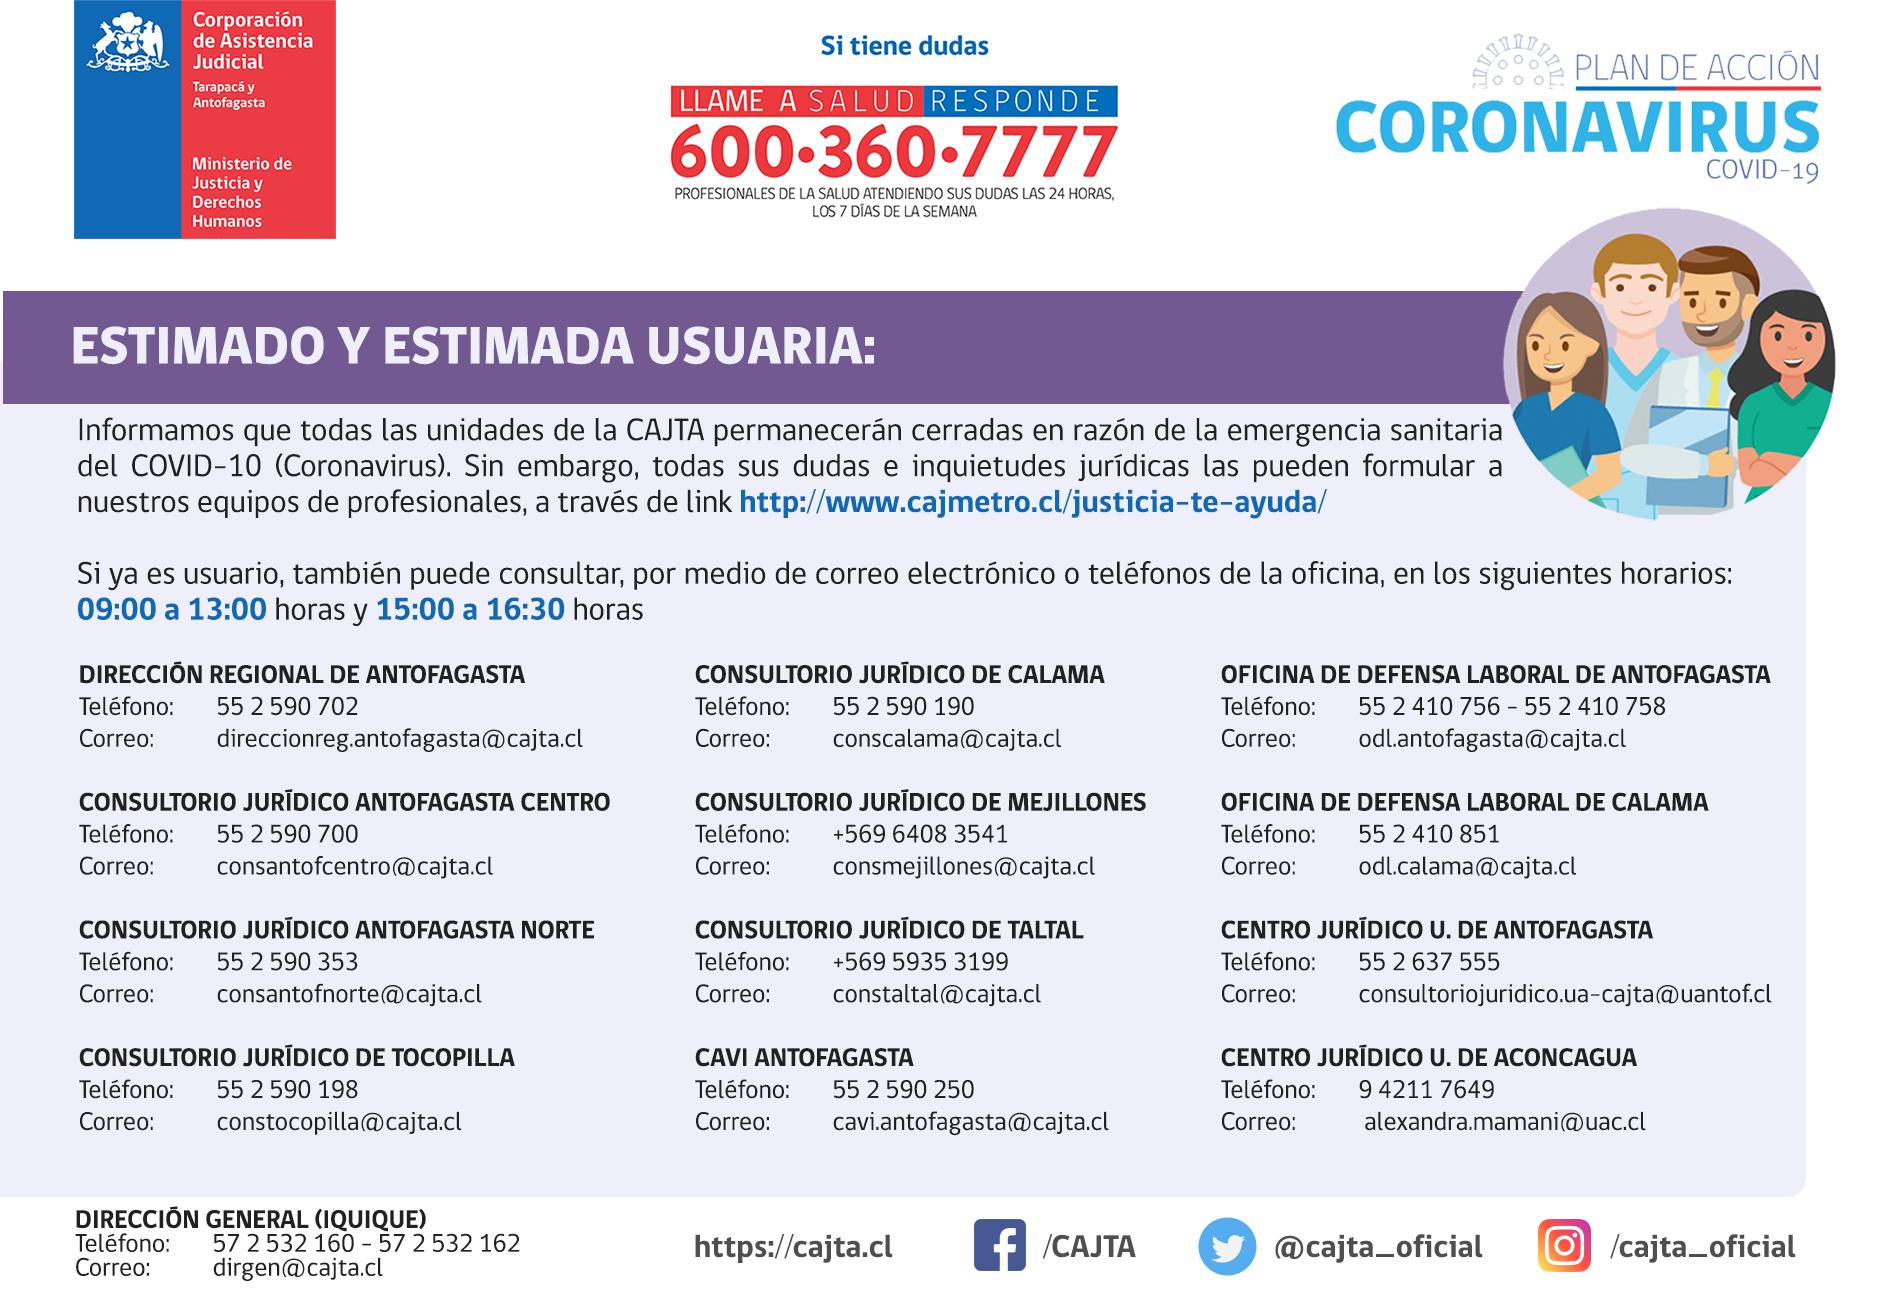 Información para nuestros usuarios y usuarias de la Región de Antofagasta